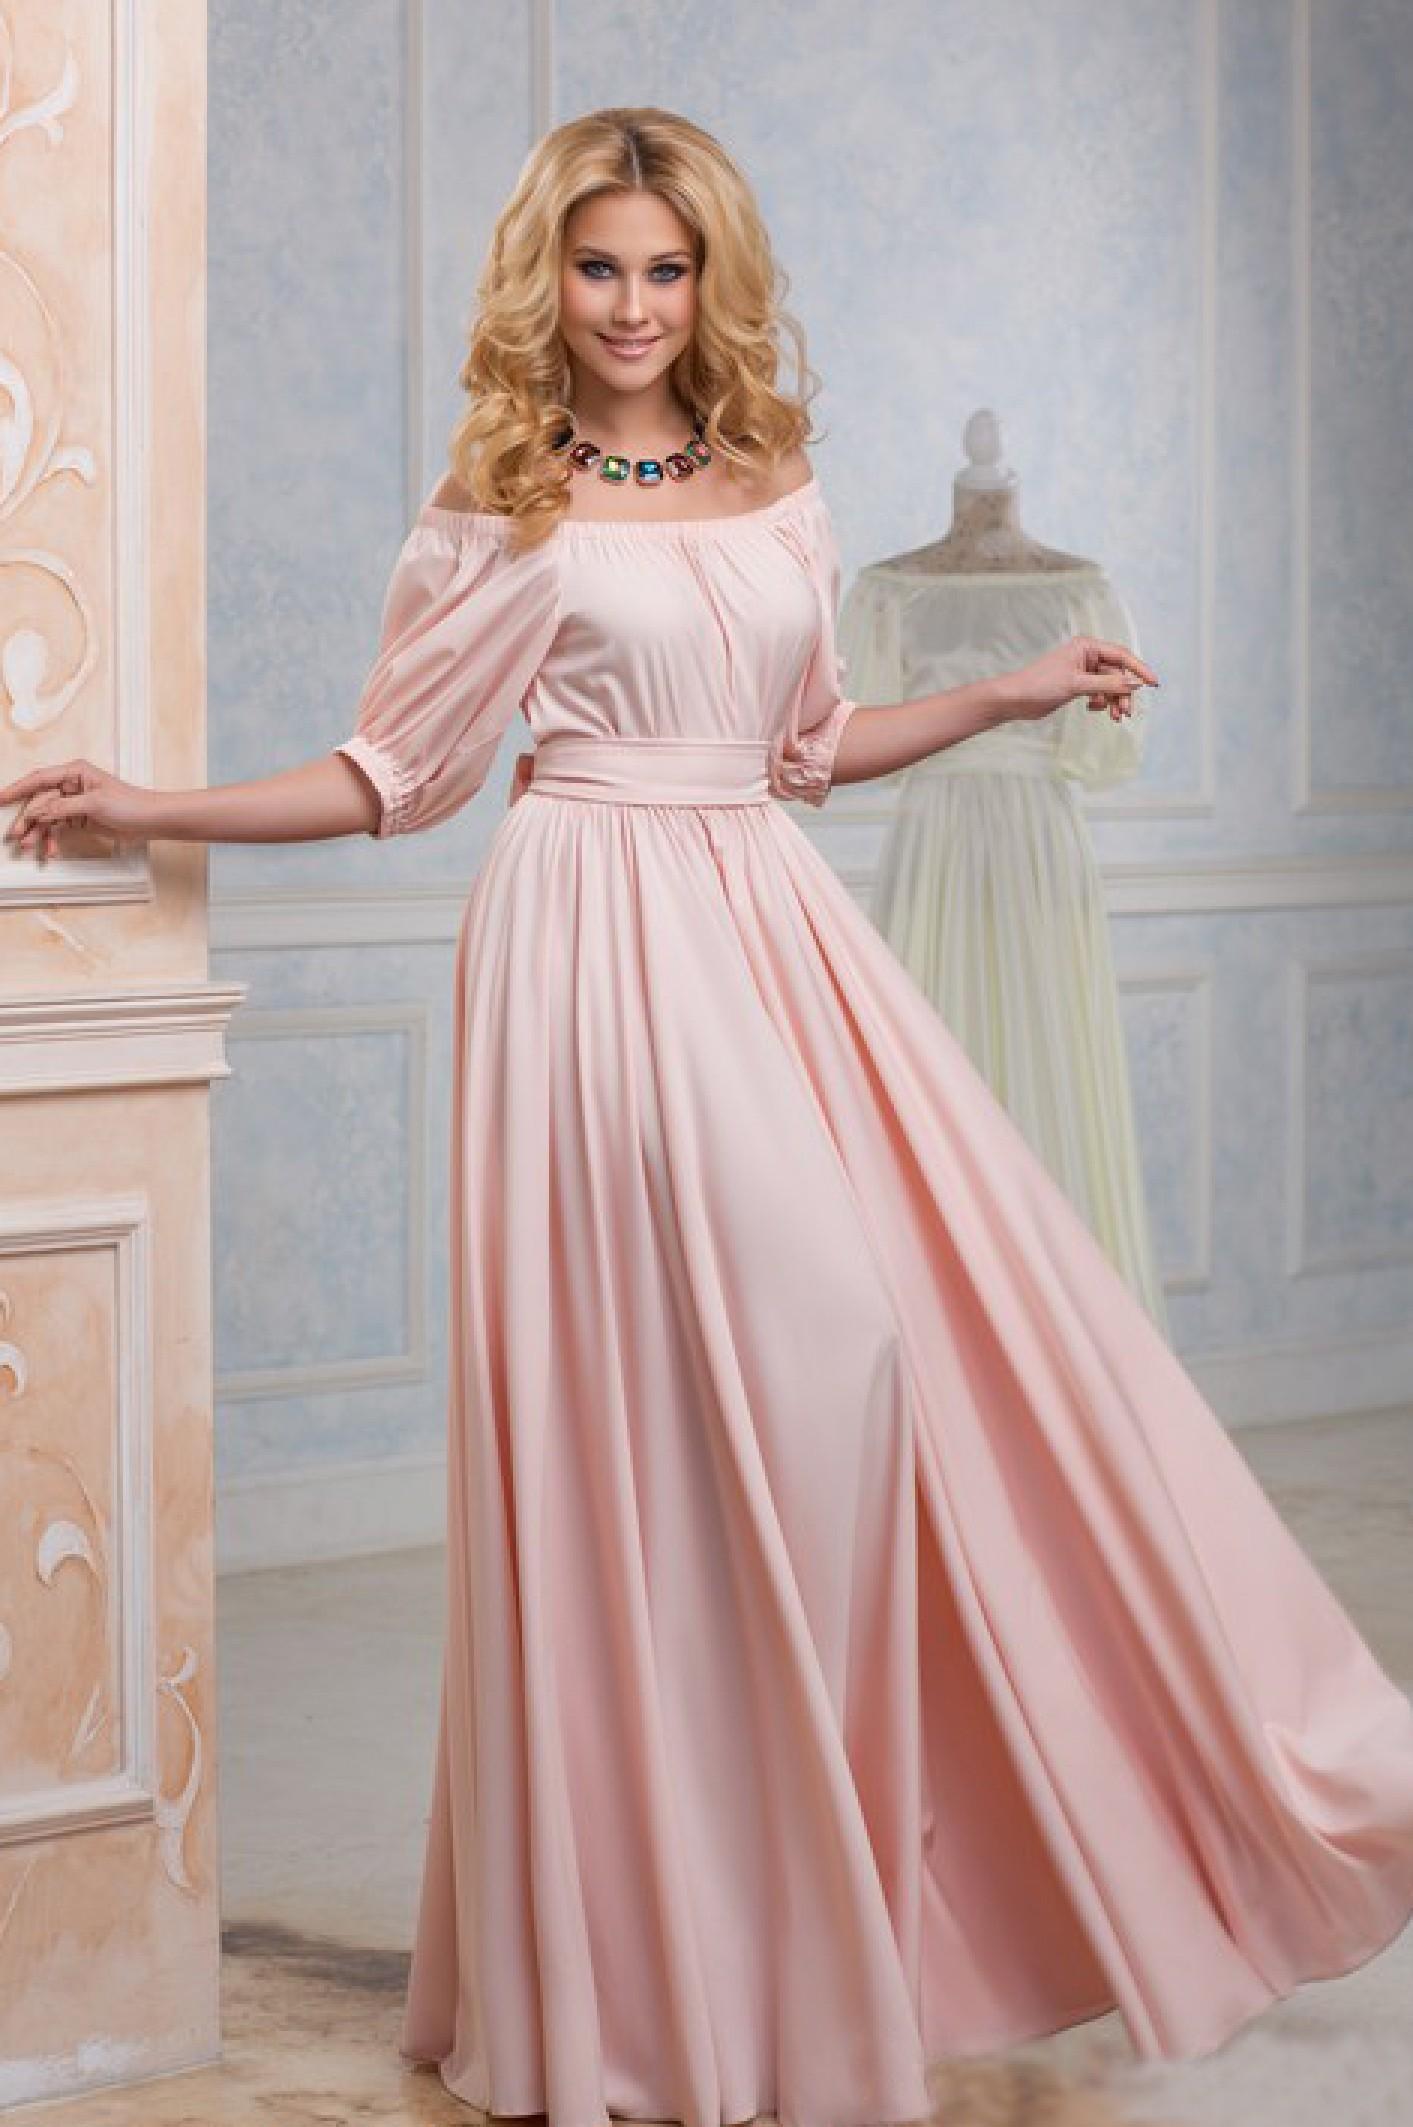 Купить платье блузку доставка